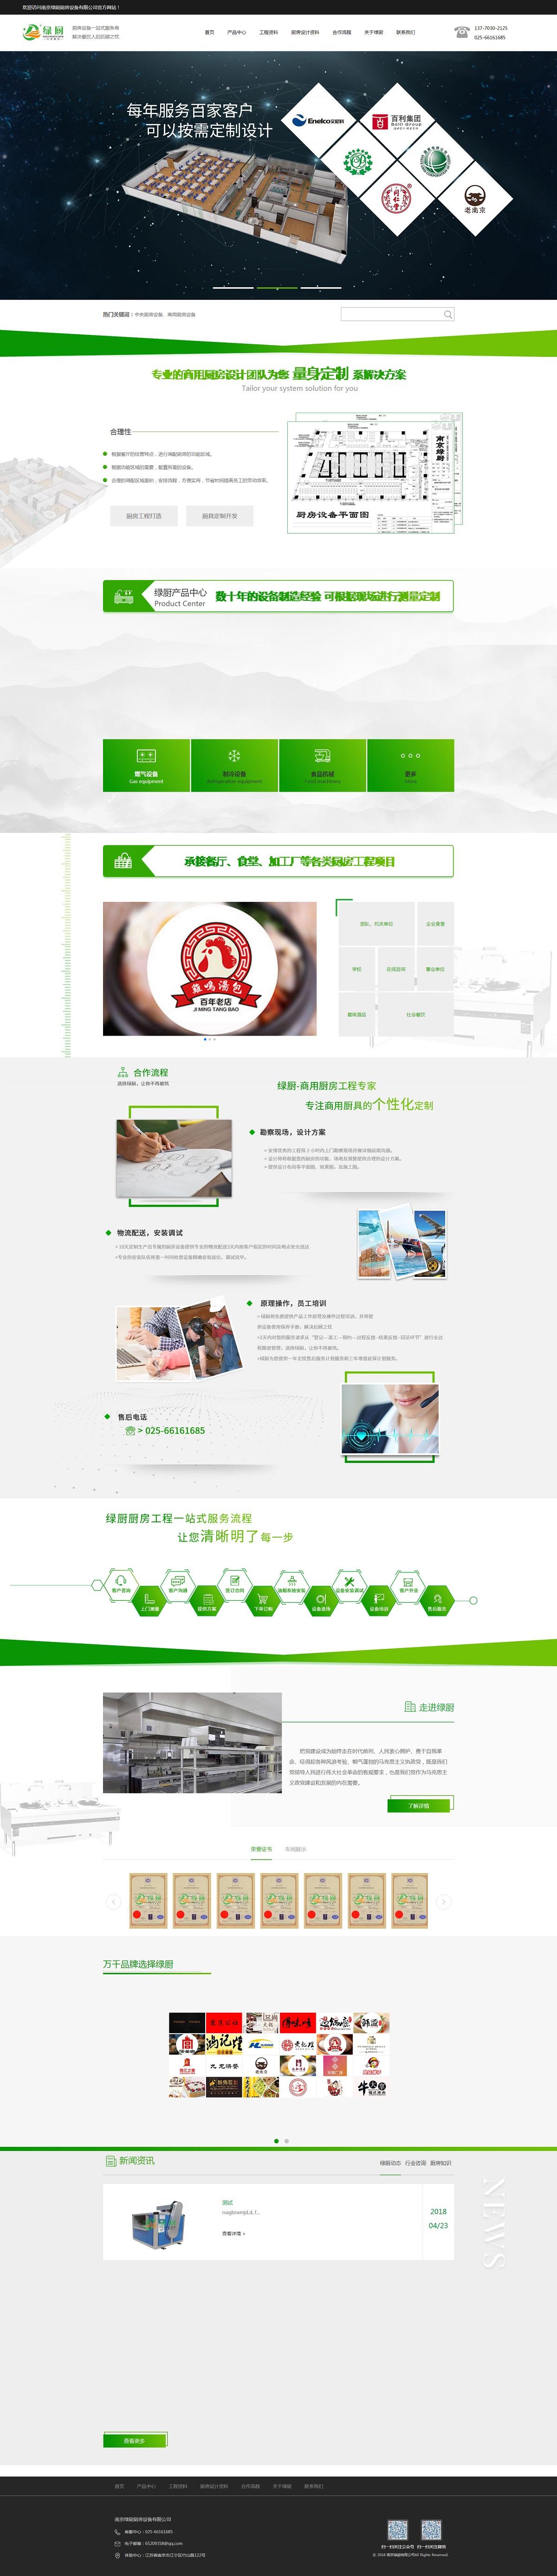 首页标题-南京绿厨厨房设备有限公司.jpg